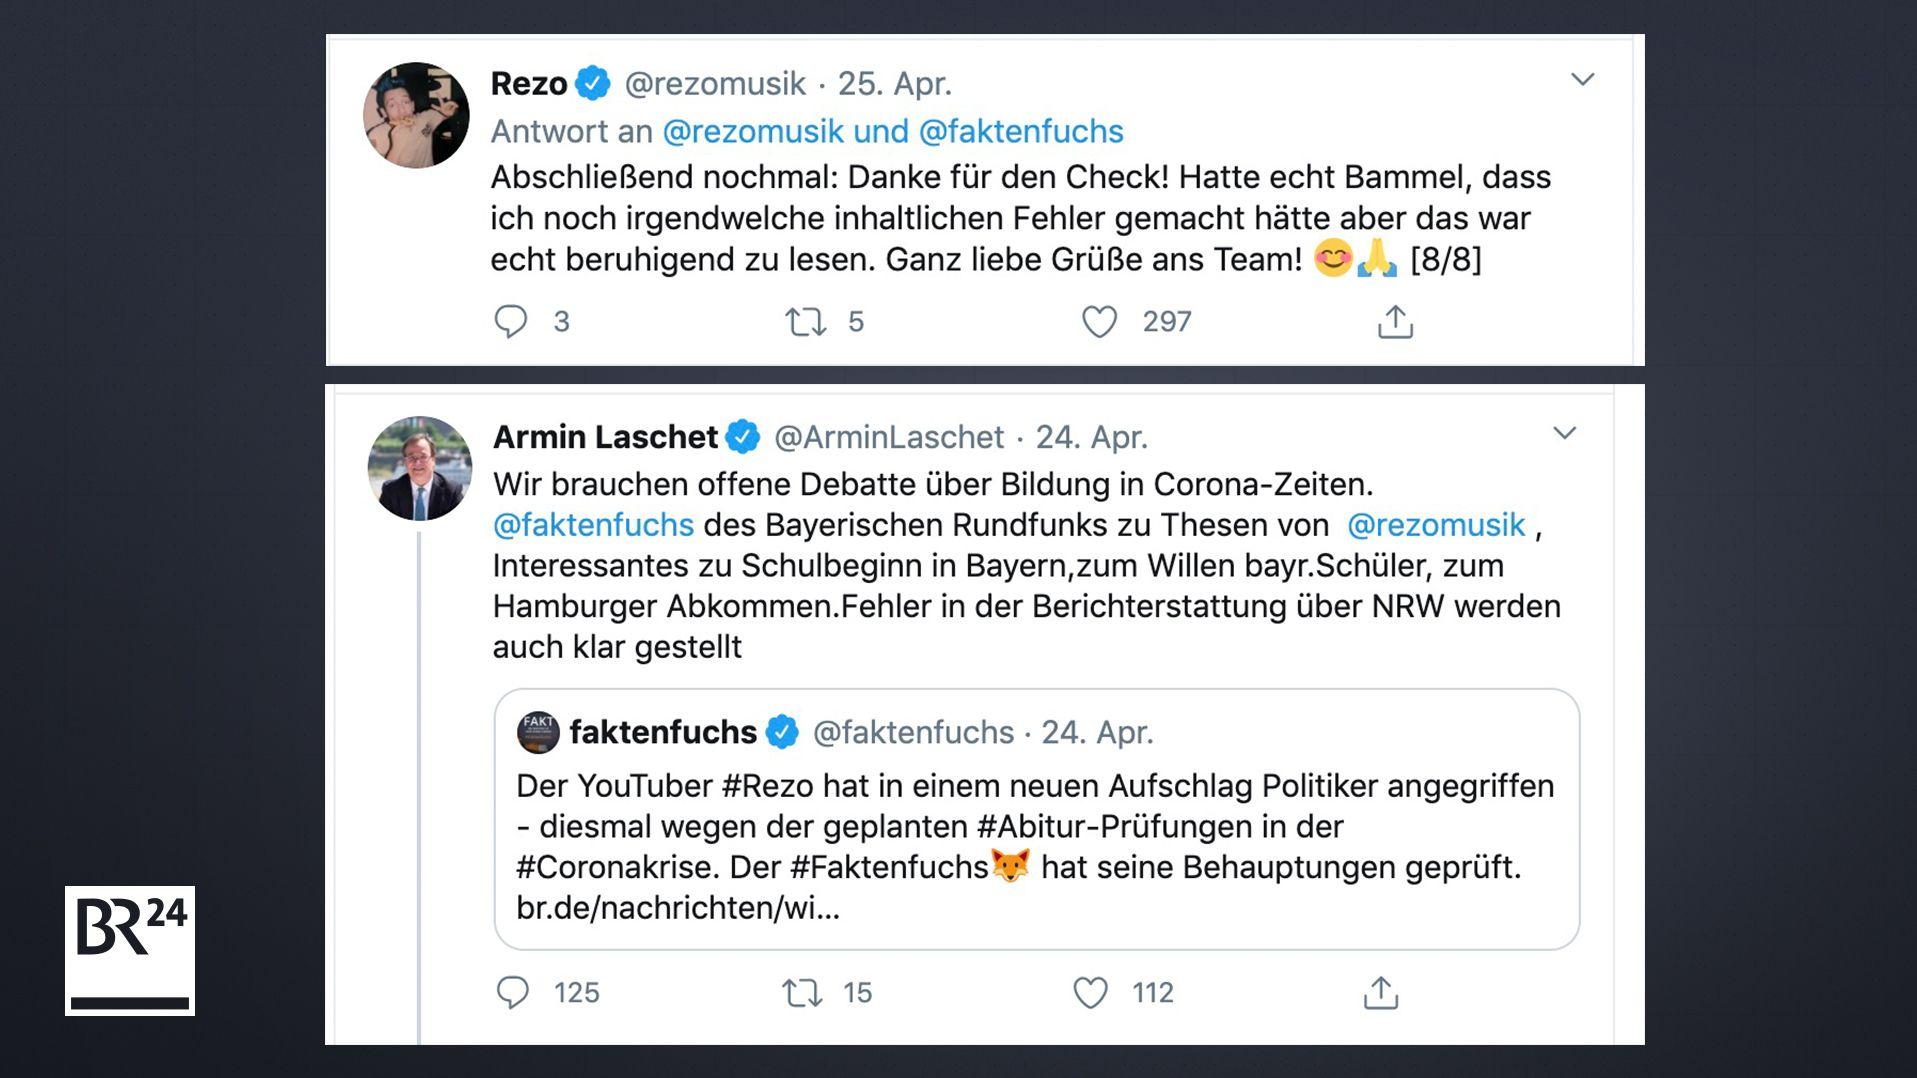 Rezo und Laschet sehen sich bestätigt  - die Debatte geht weiter